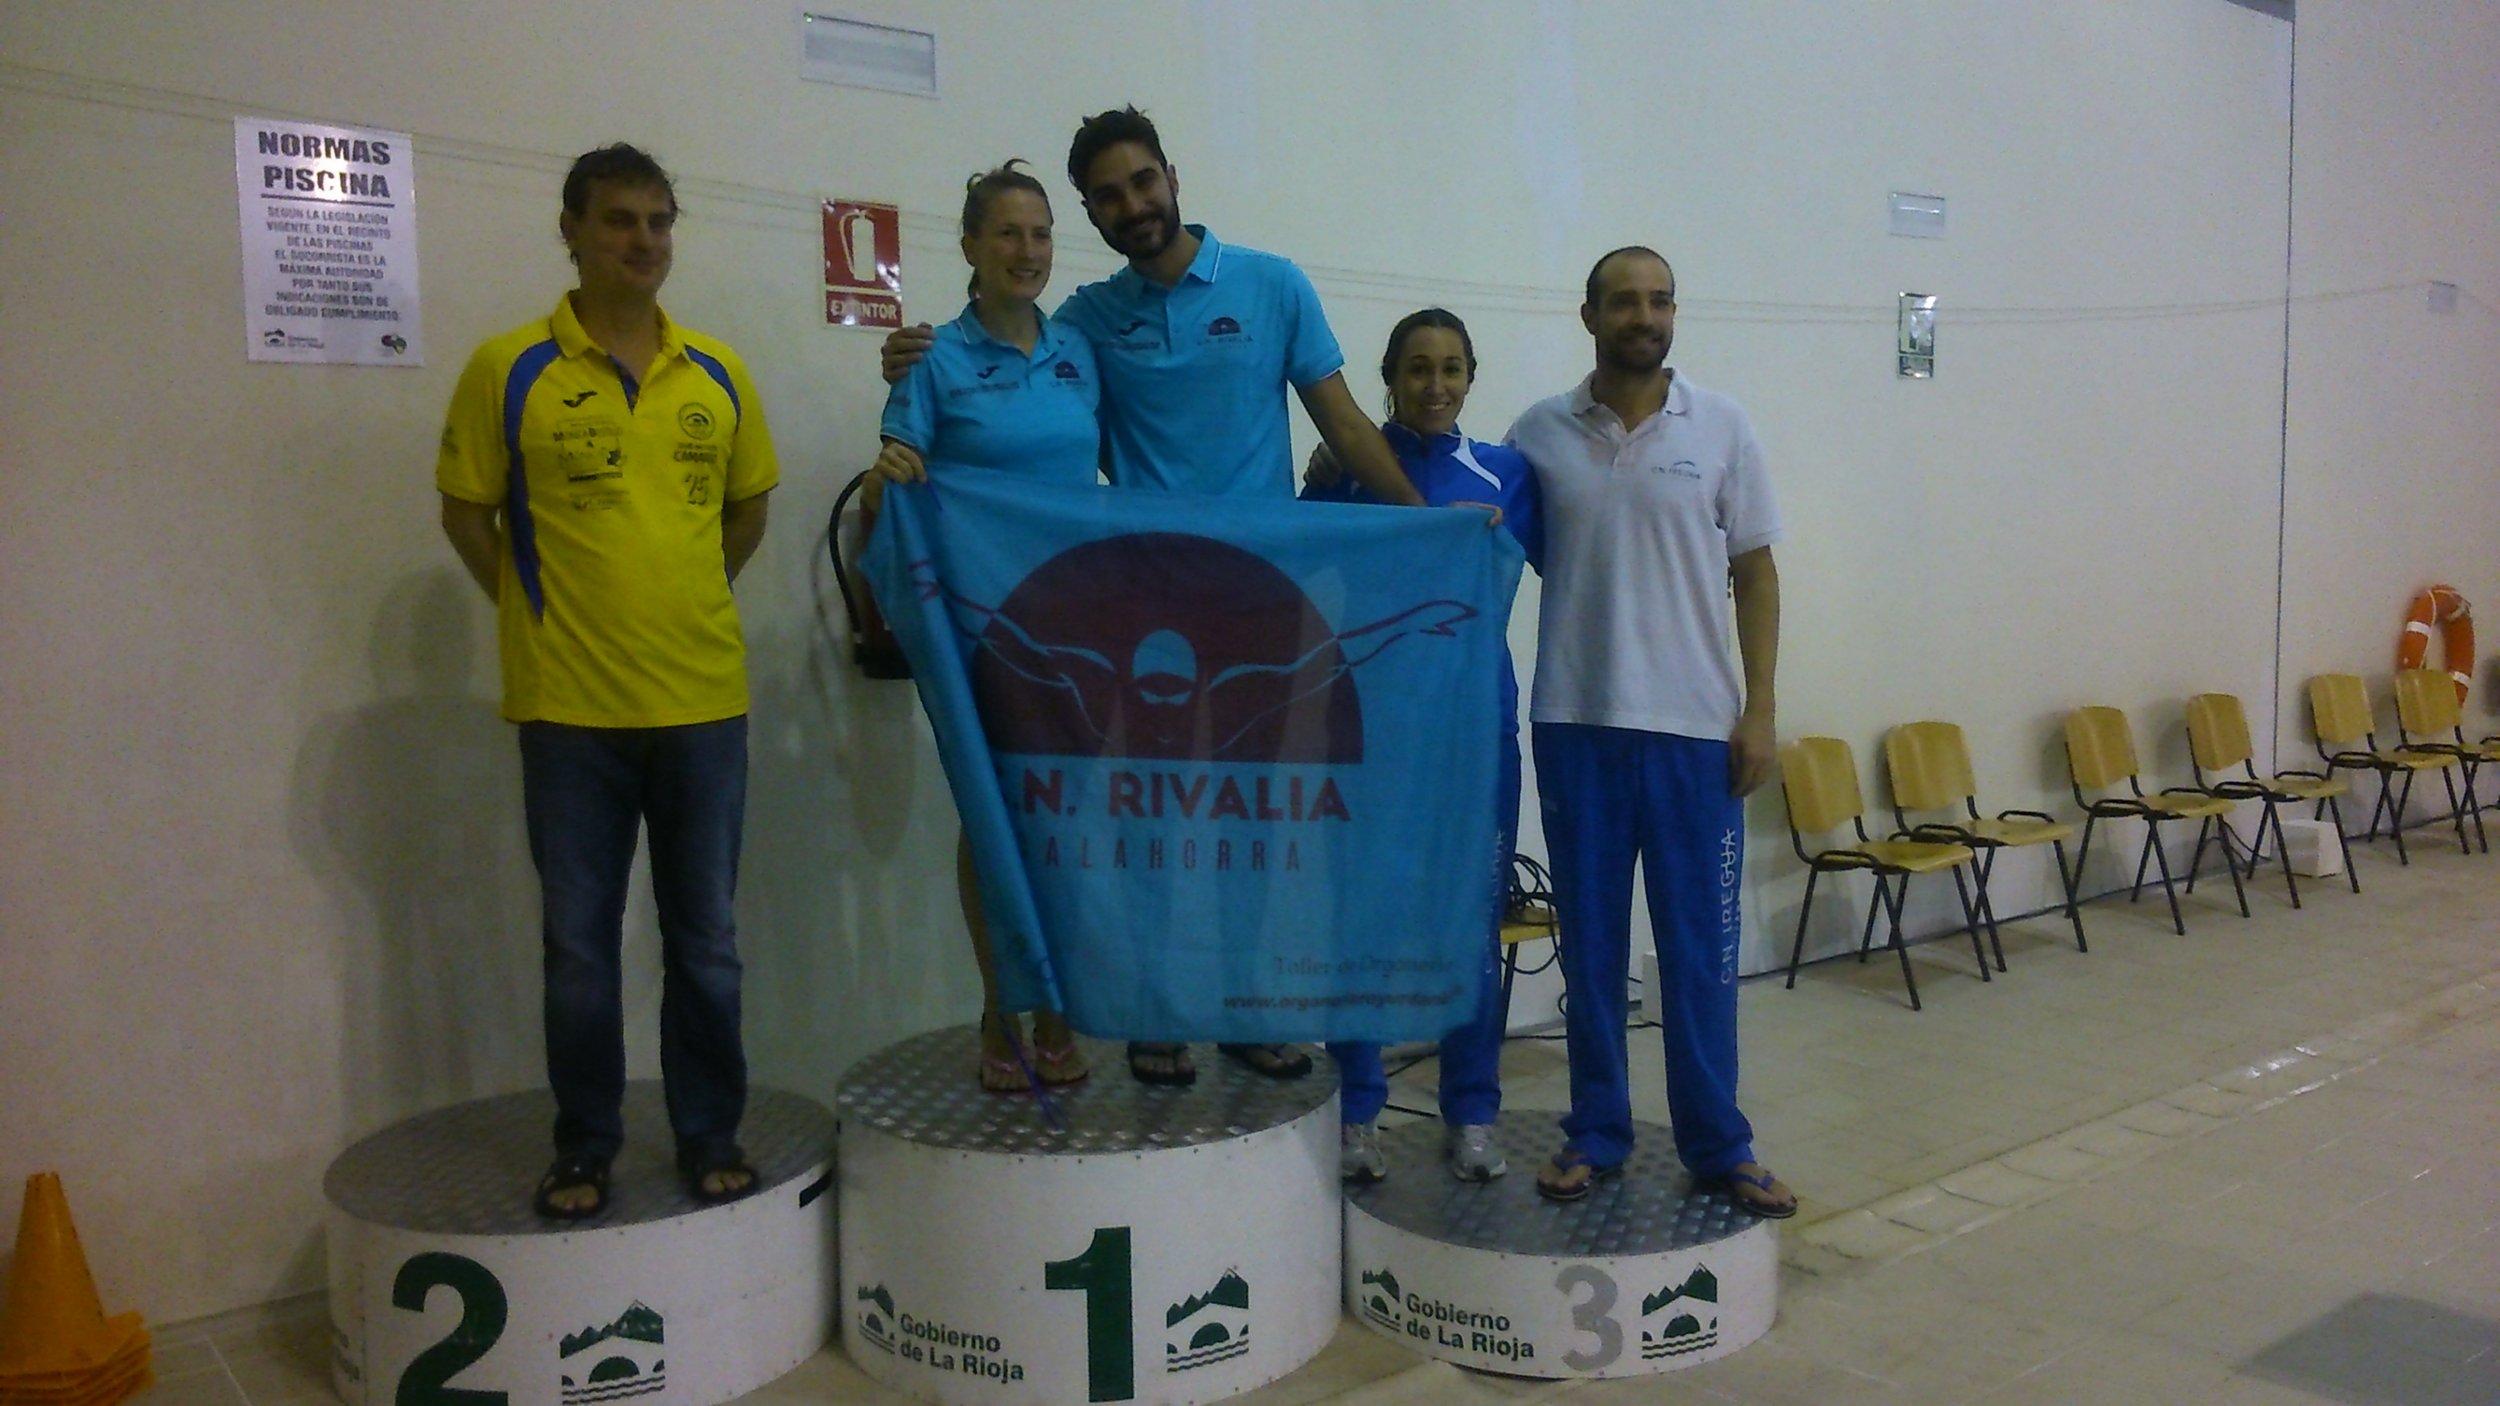 De izquierda a derecha: representantes del CN Camargo, CN Rivalia y CN Iregua.